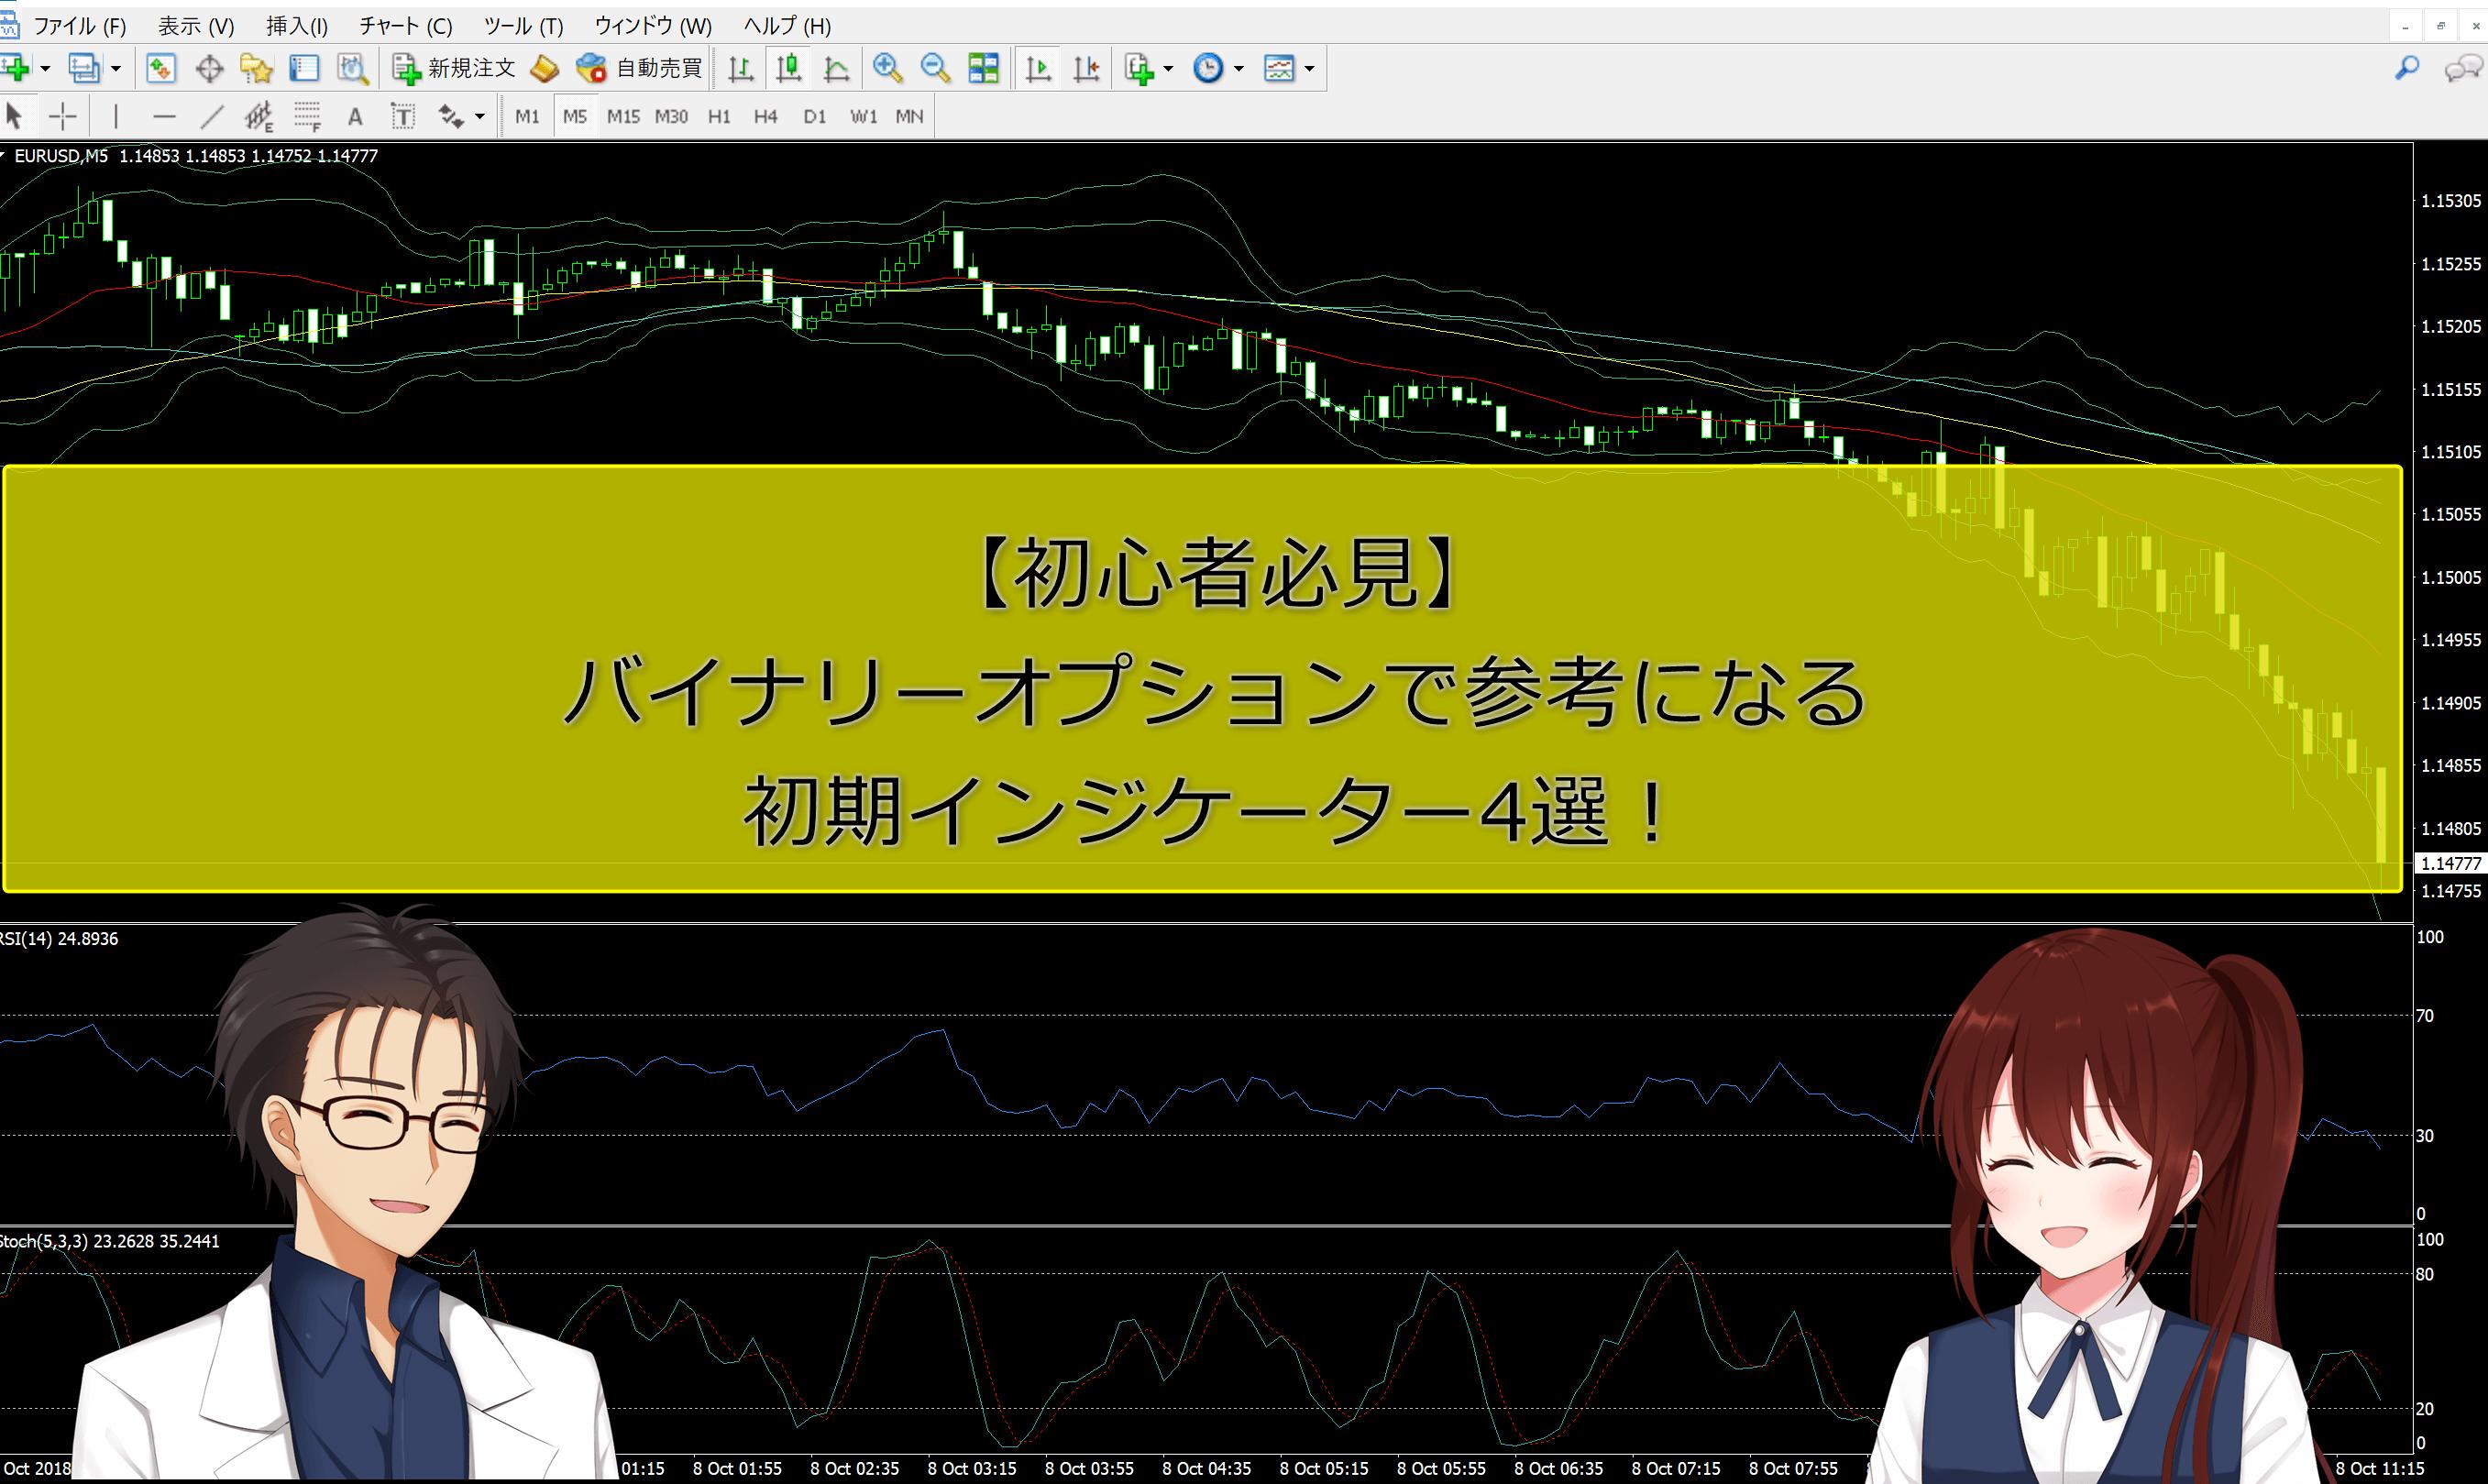 【初心者必見】バイナリーオプションで参考になる初期インジケーター4選!